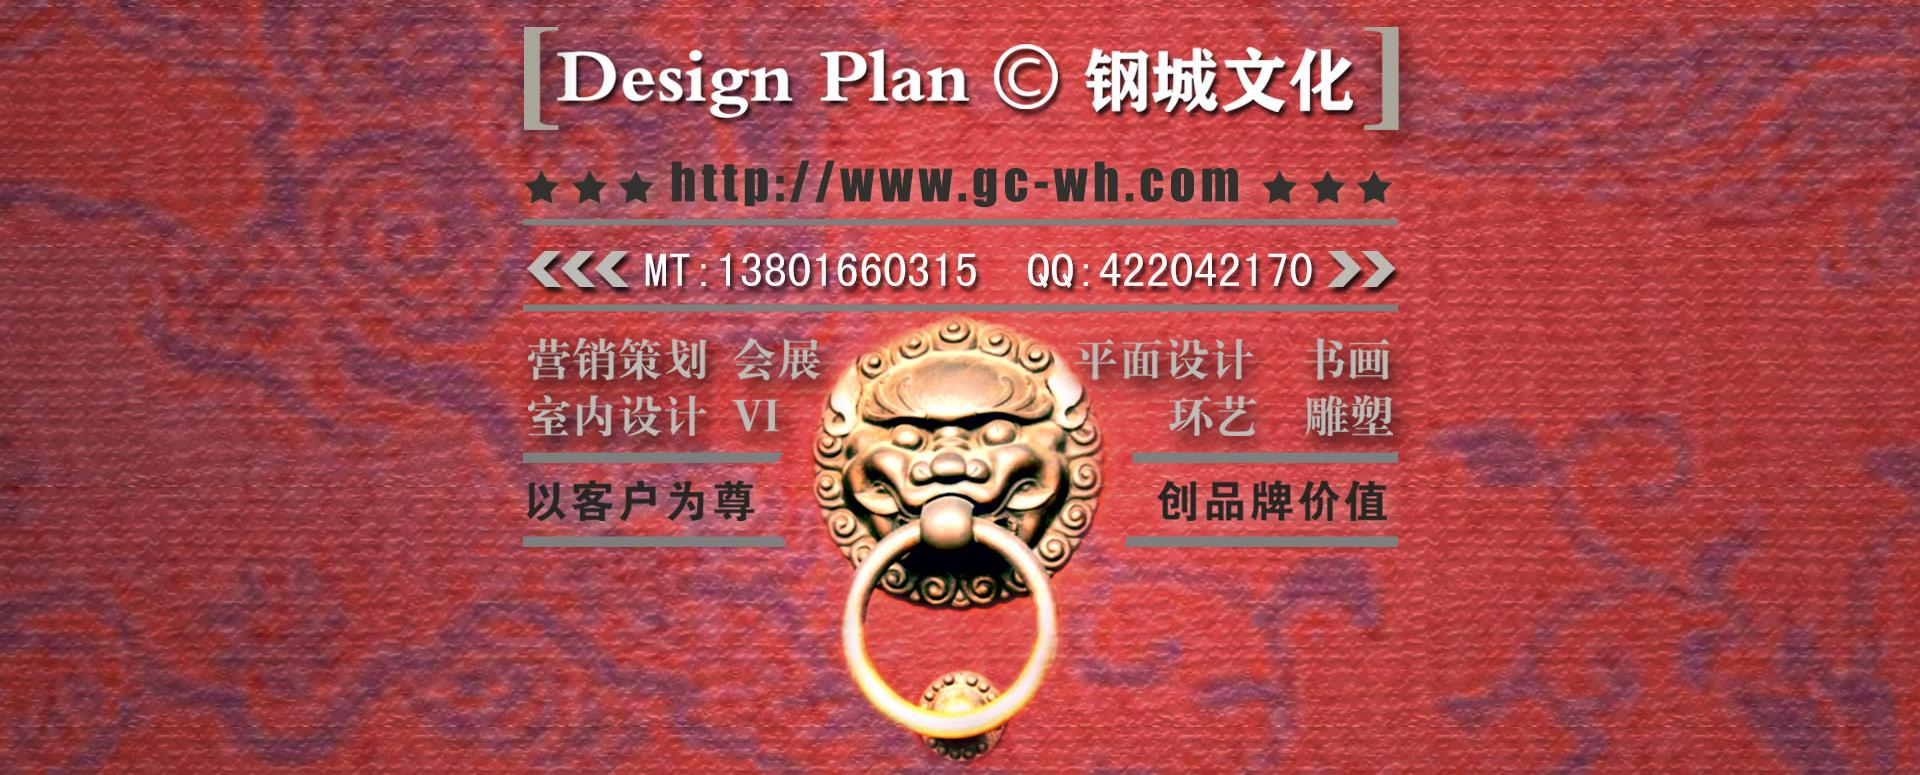 上海钢城文化传播